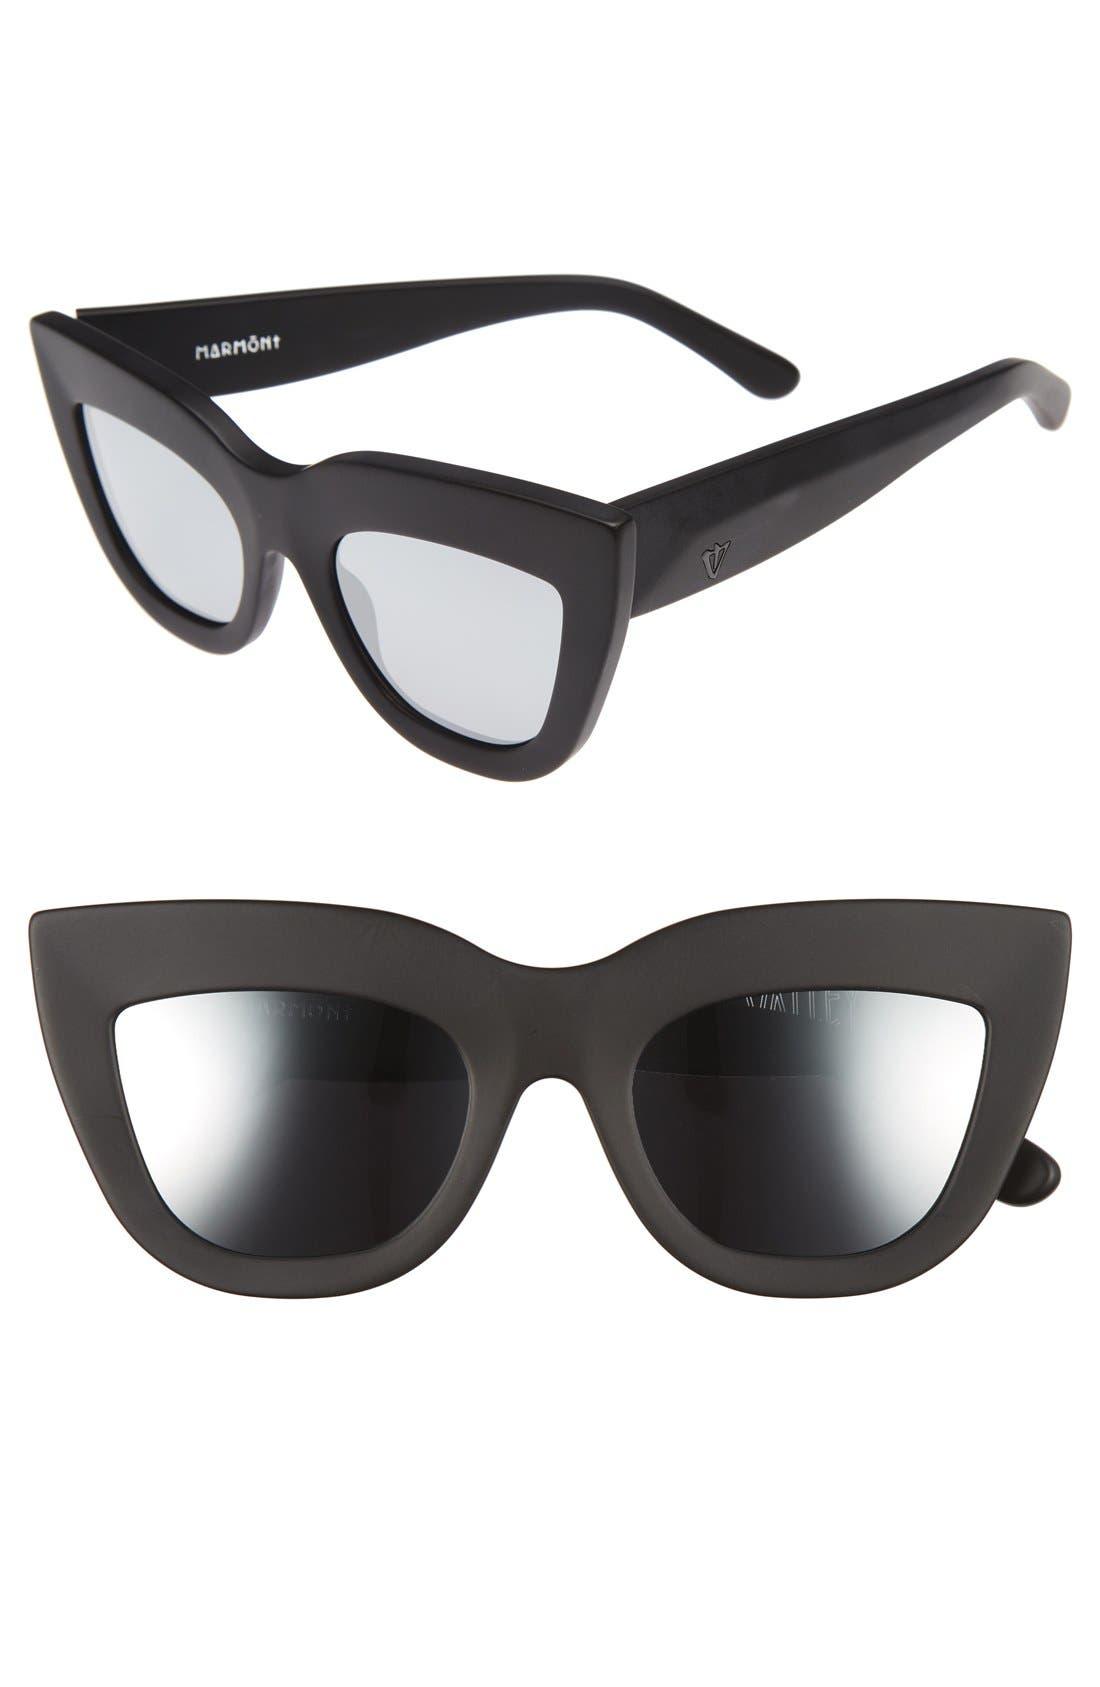 Marmont 52mm Cat Eye Sunglasses,                         Main,                         color, Matte Black